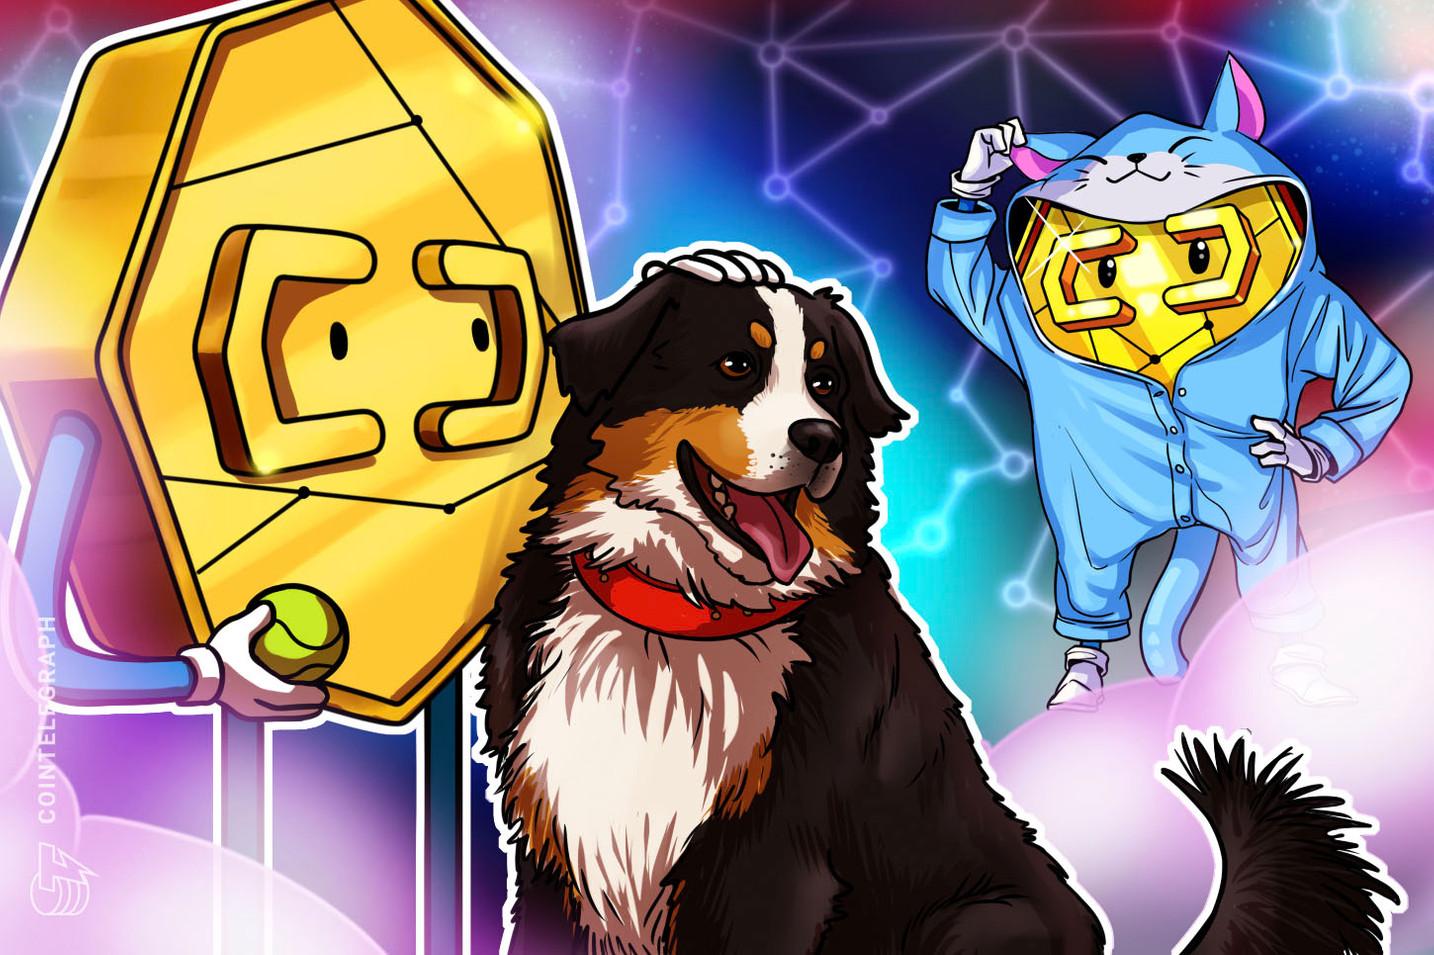 ビットコイン投資家は「犬派」で、金投資家は「猫派」?=米仮想通貨取引所が調査